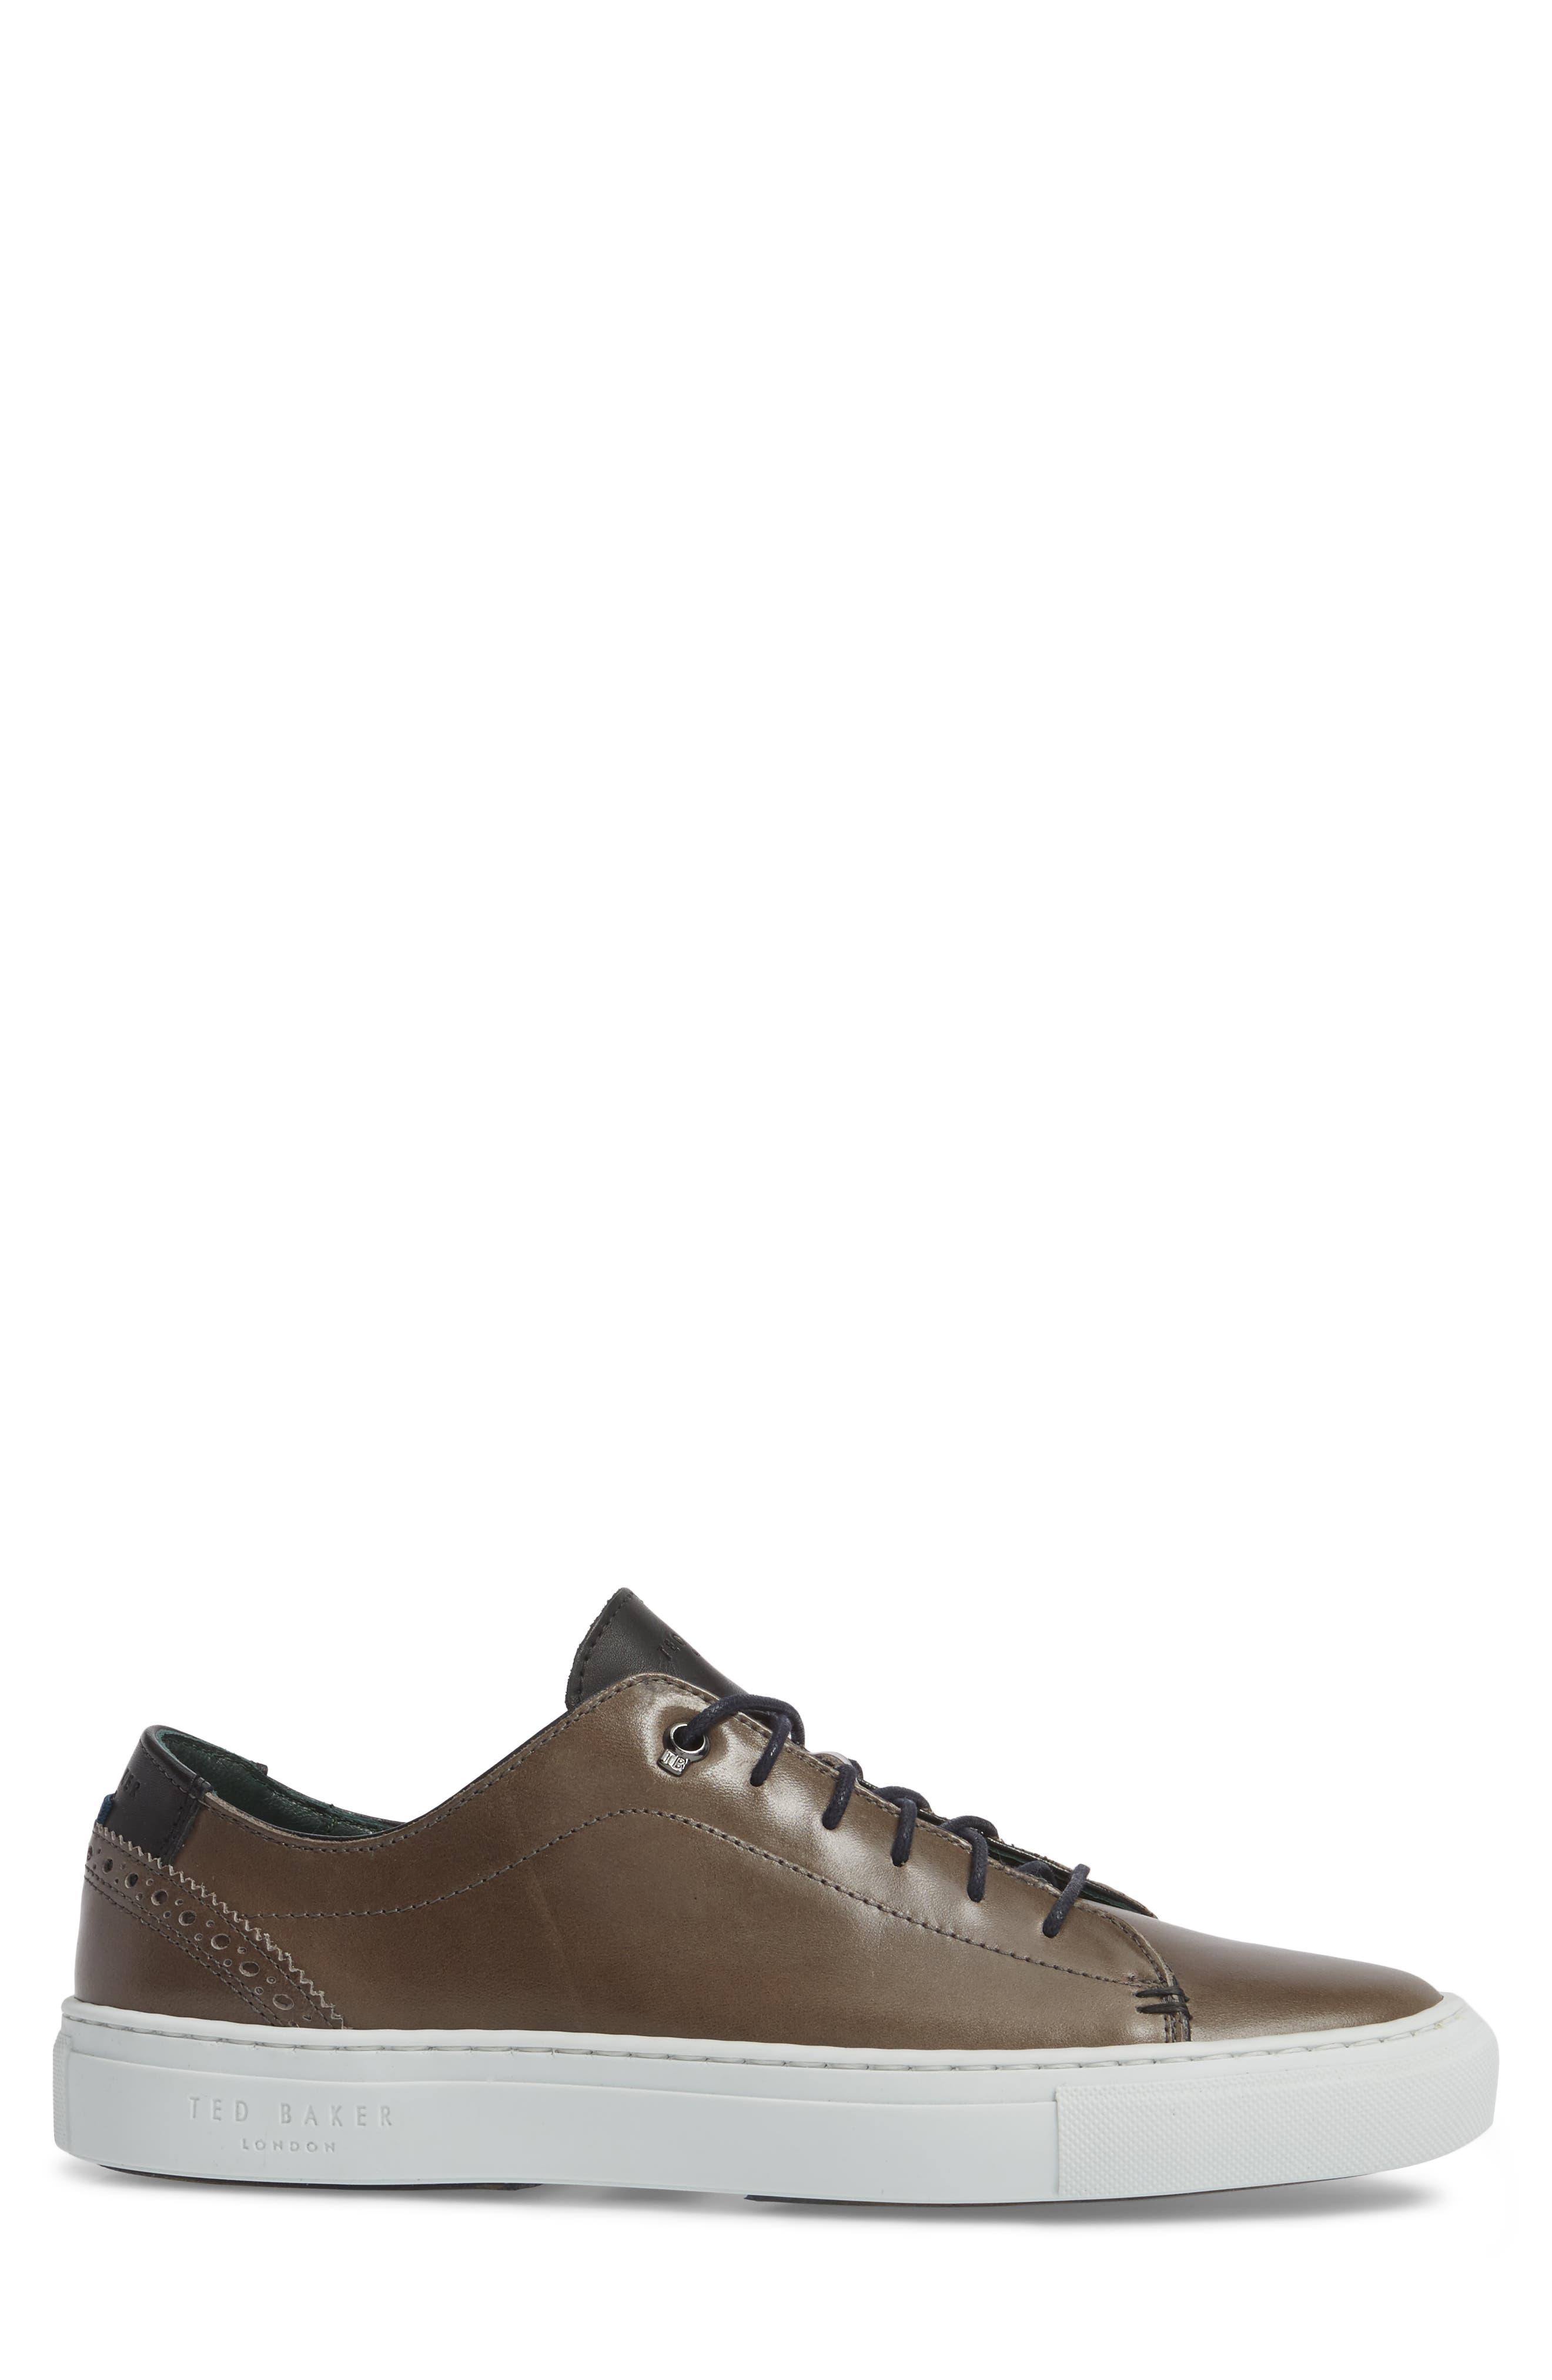 Duuke 2 Sneaker,                             Alternate thumbnail 3, color,                             028